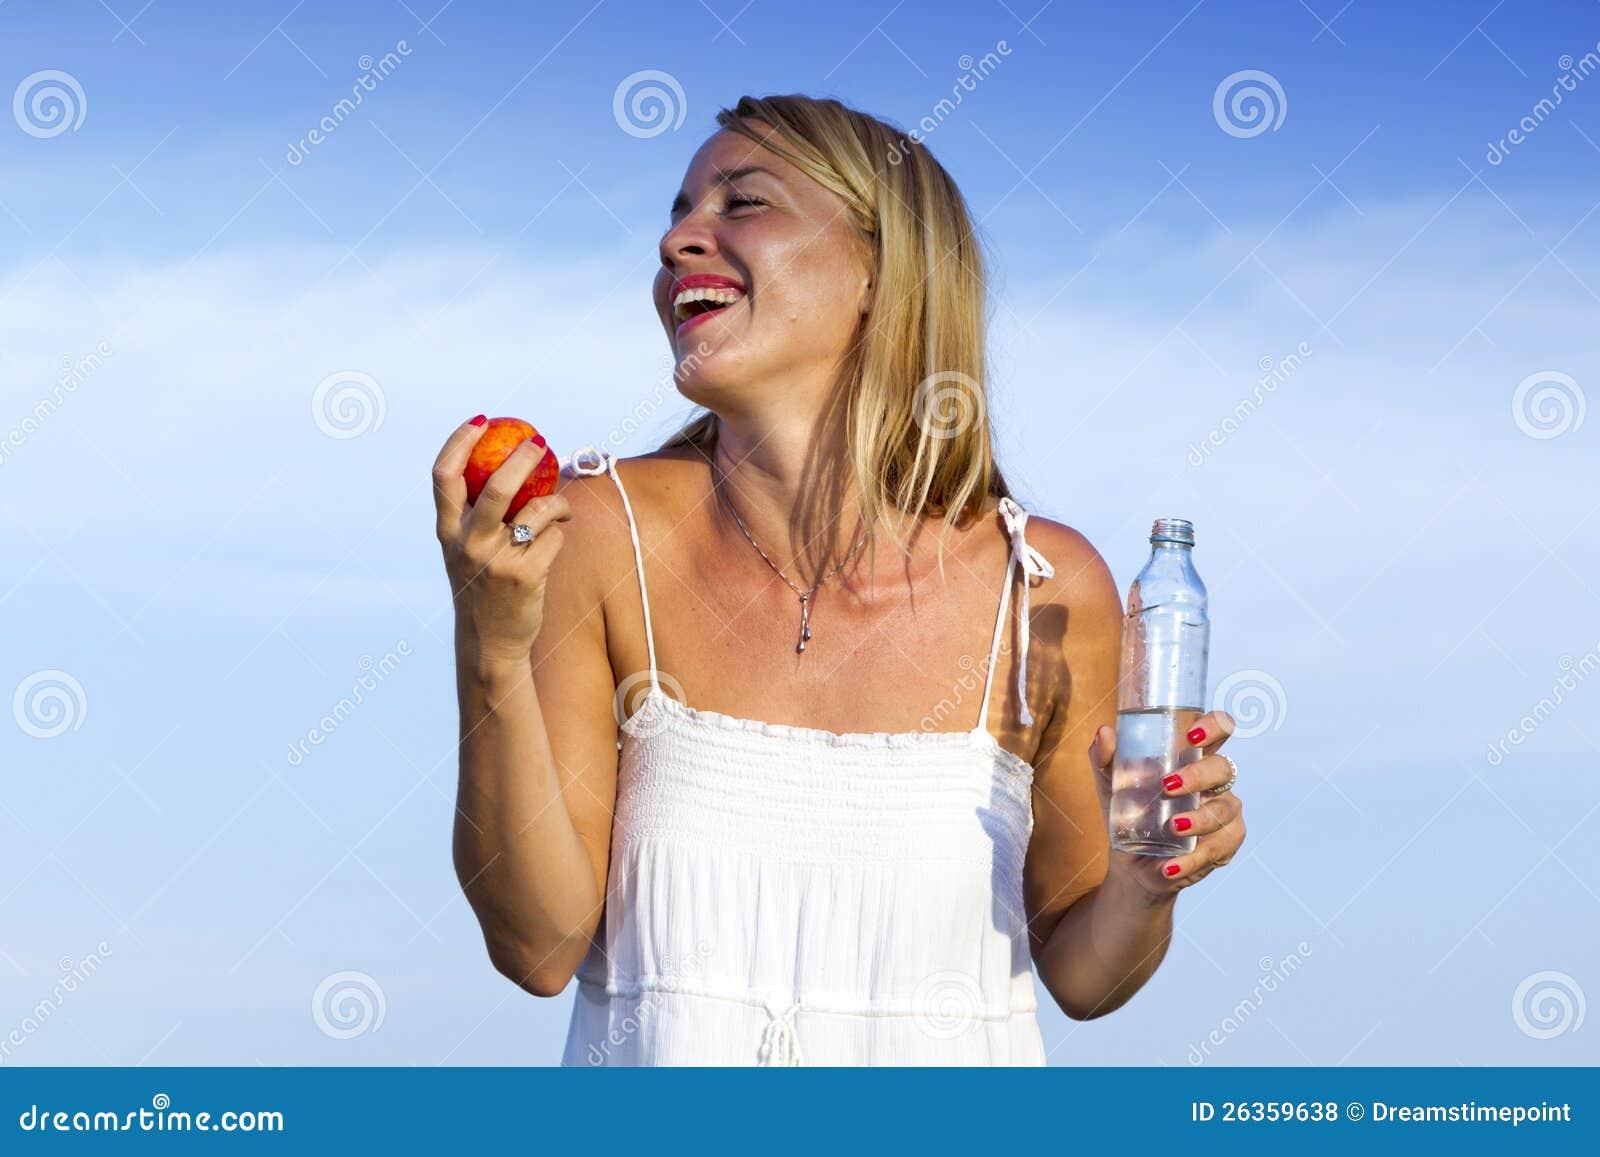 Junge Frau mit Flasche und Frucht in der Hand